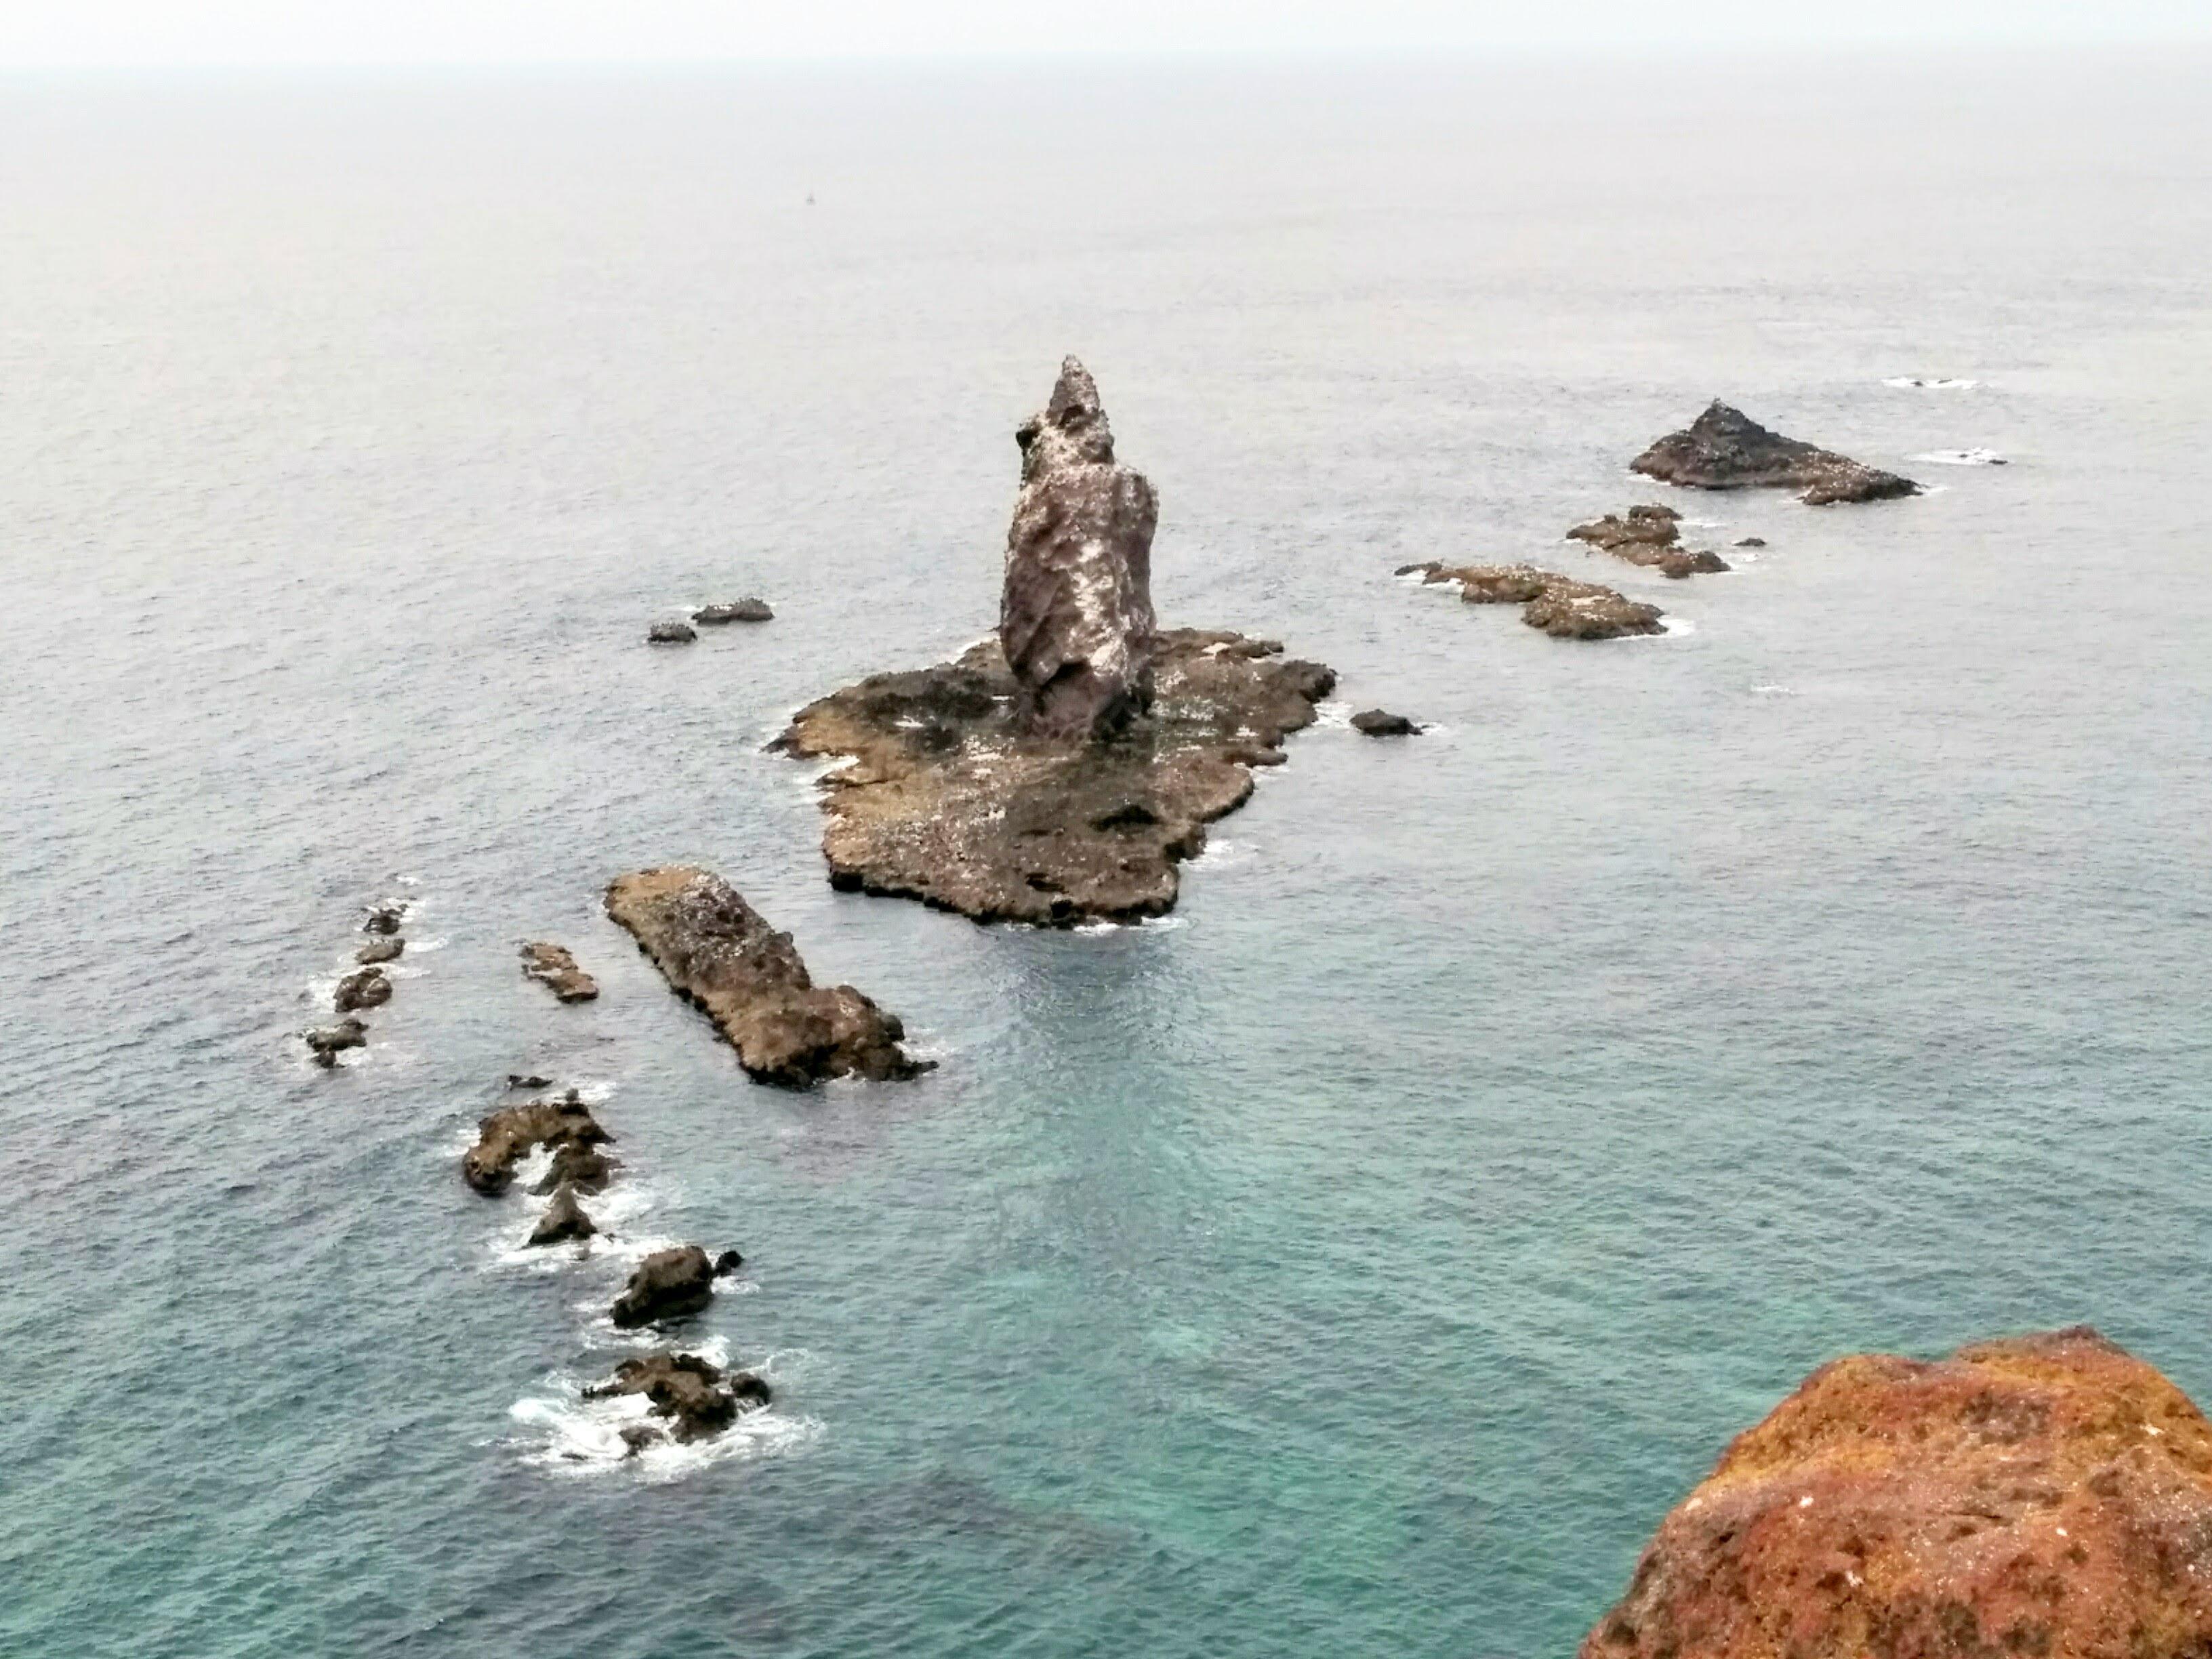 【積丹半島】神威岬に行って来ました。